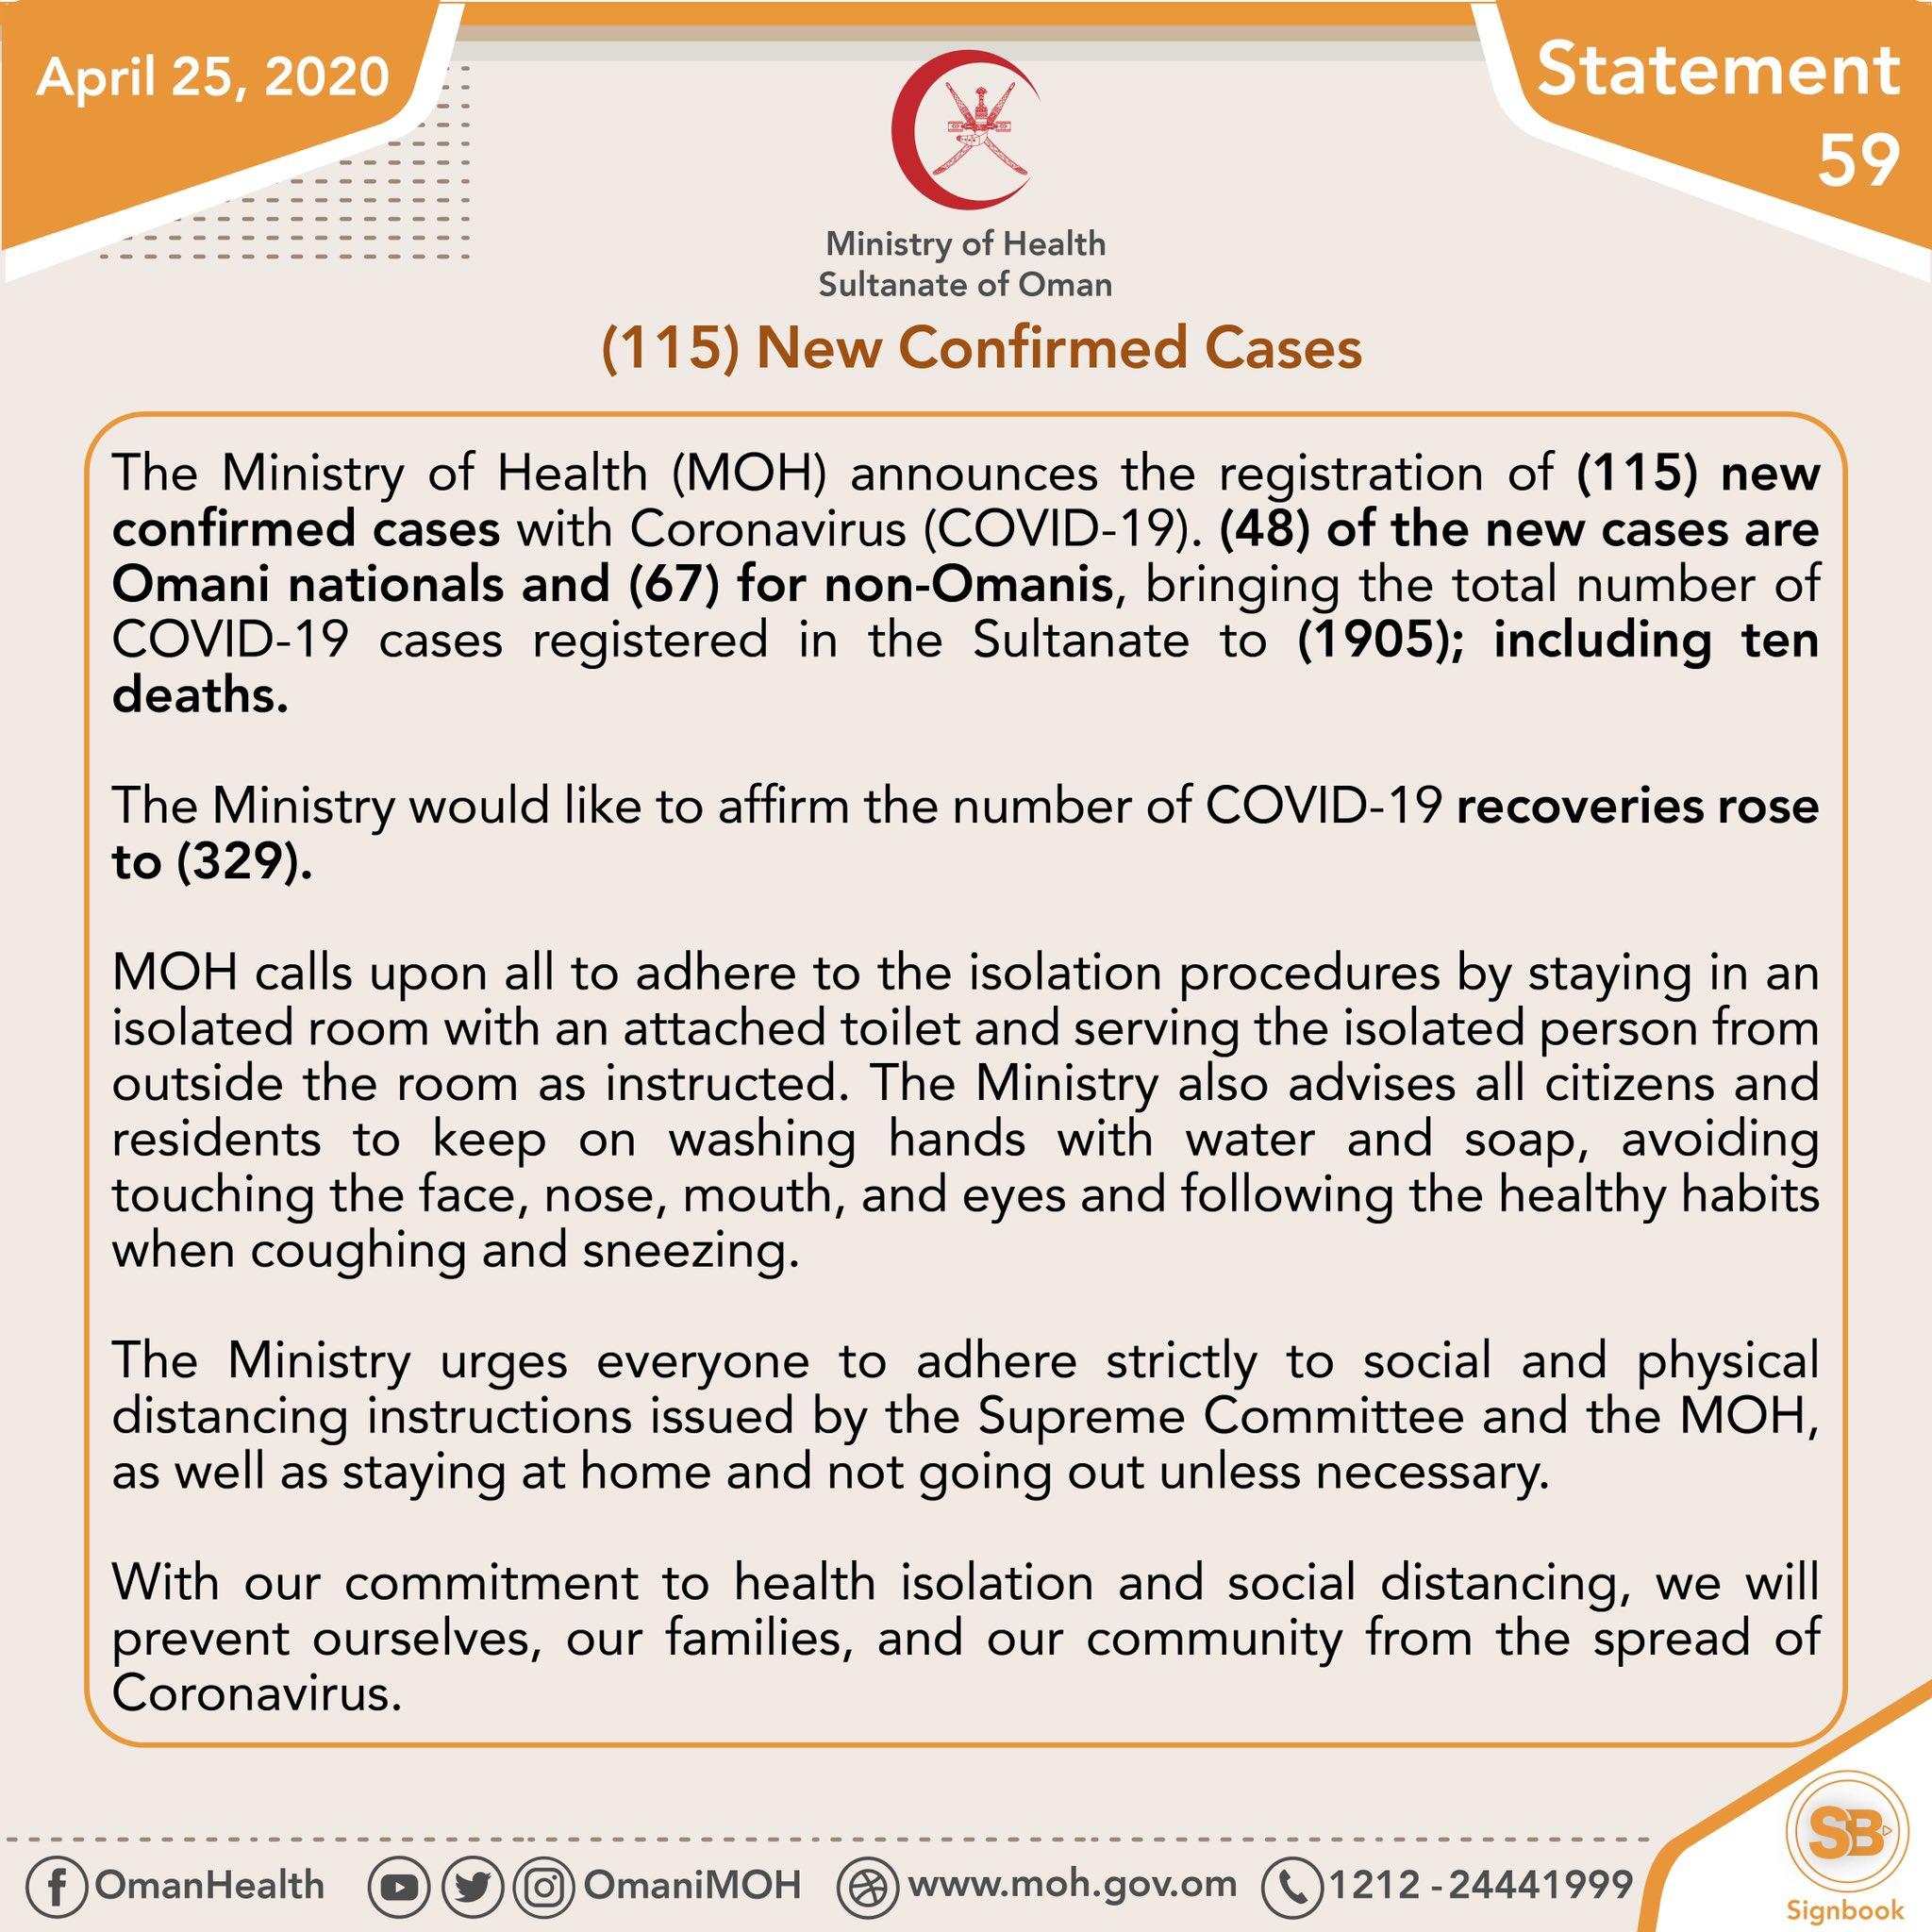 وزارة الصحة ع مان On Twitter Statement No 59 April 25 2020